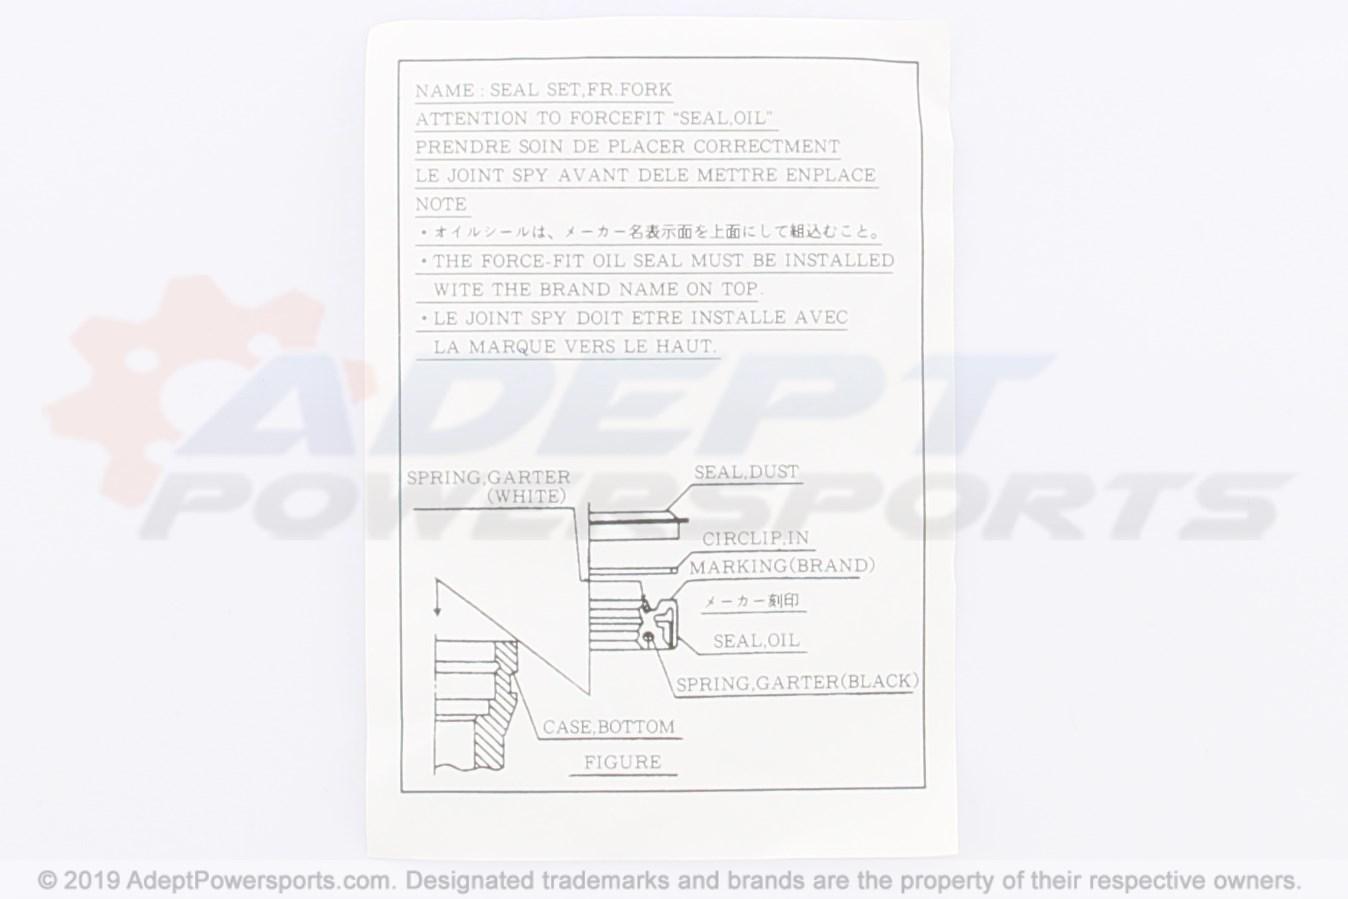 Mb9 782 Honda Seal Set Fr Fork 23 19